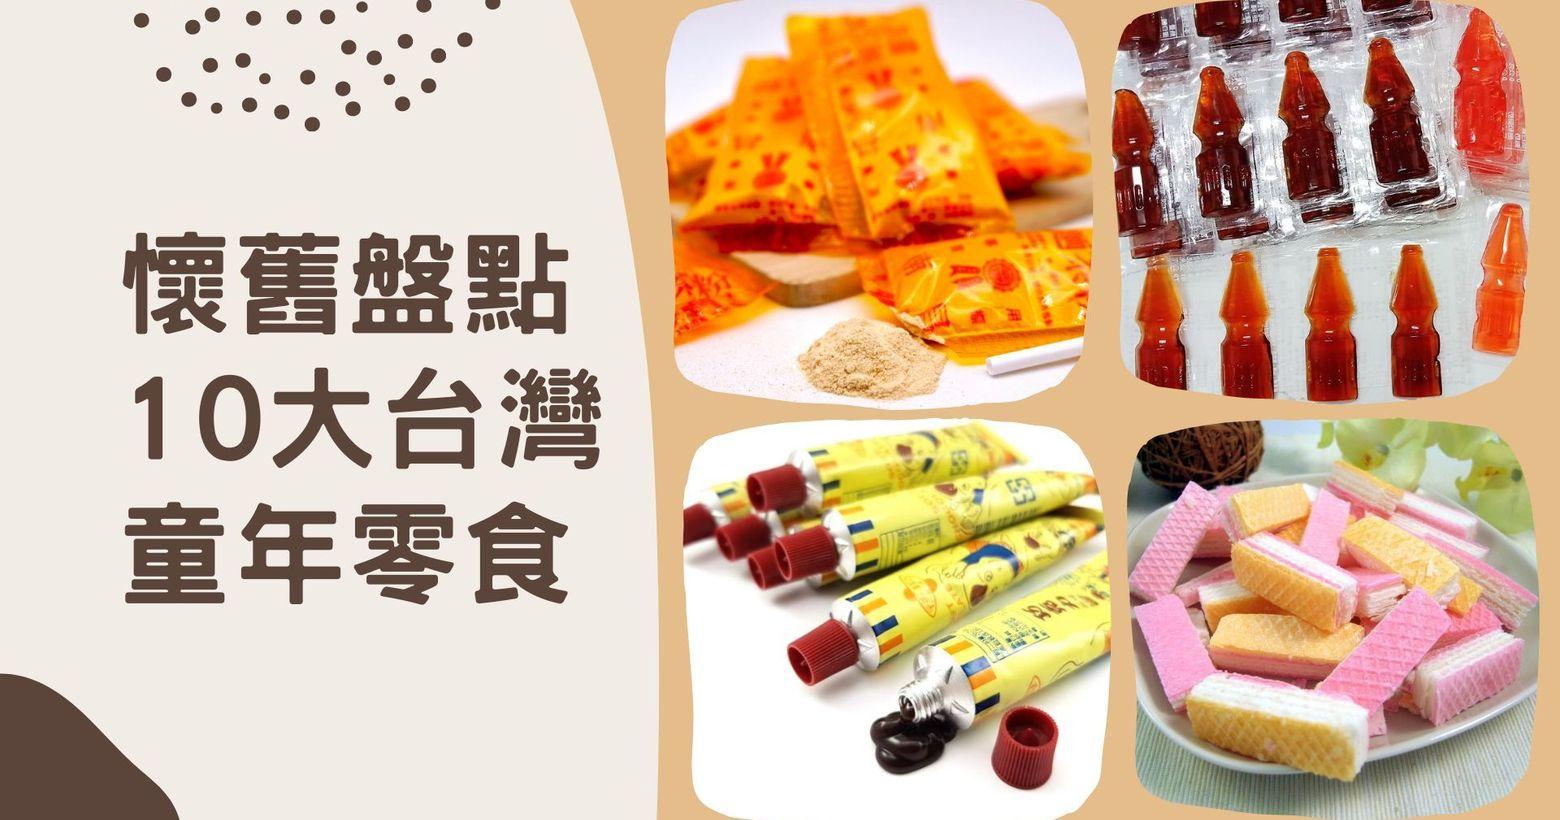 【懷舊盤點】台灣童年零食大集合!柑仔店必敗清單,吃下去一秒穿越時空,重溫小時候的好滋味小時候最快樂的